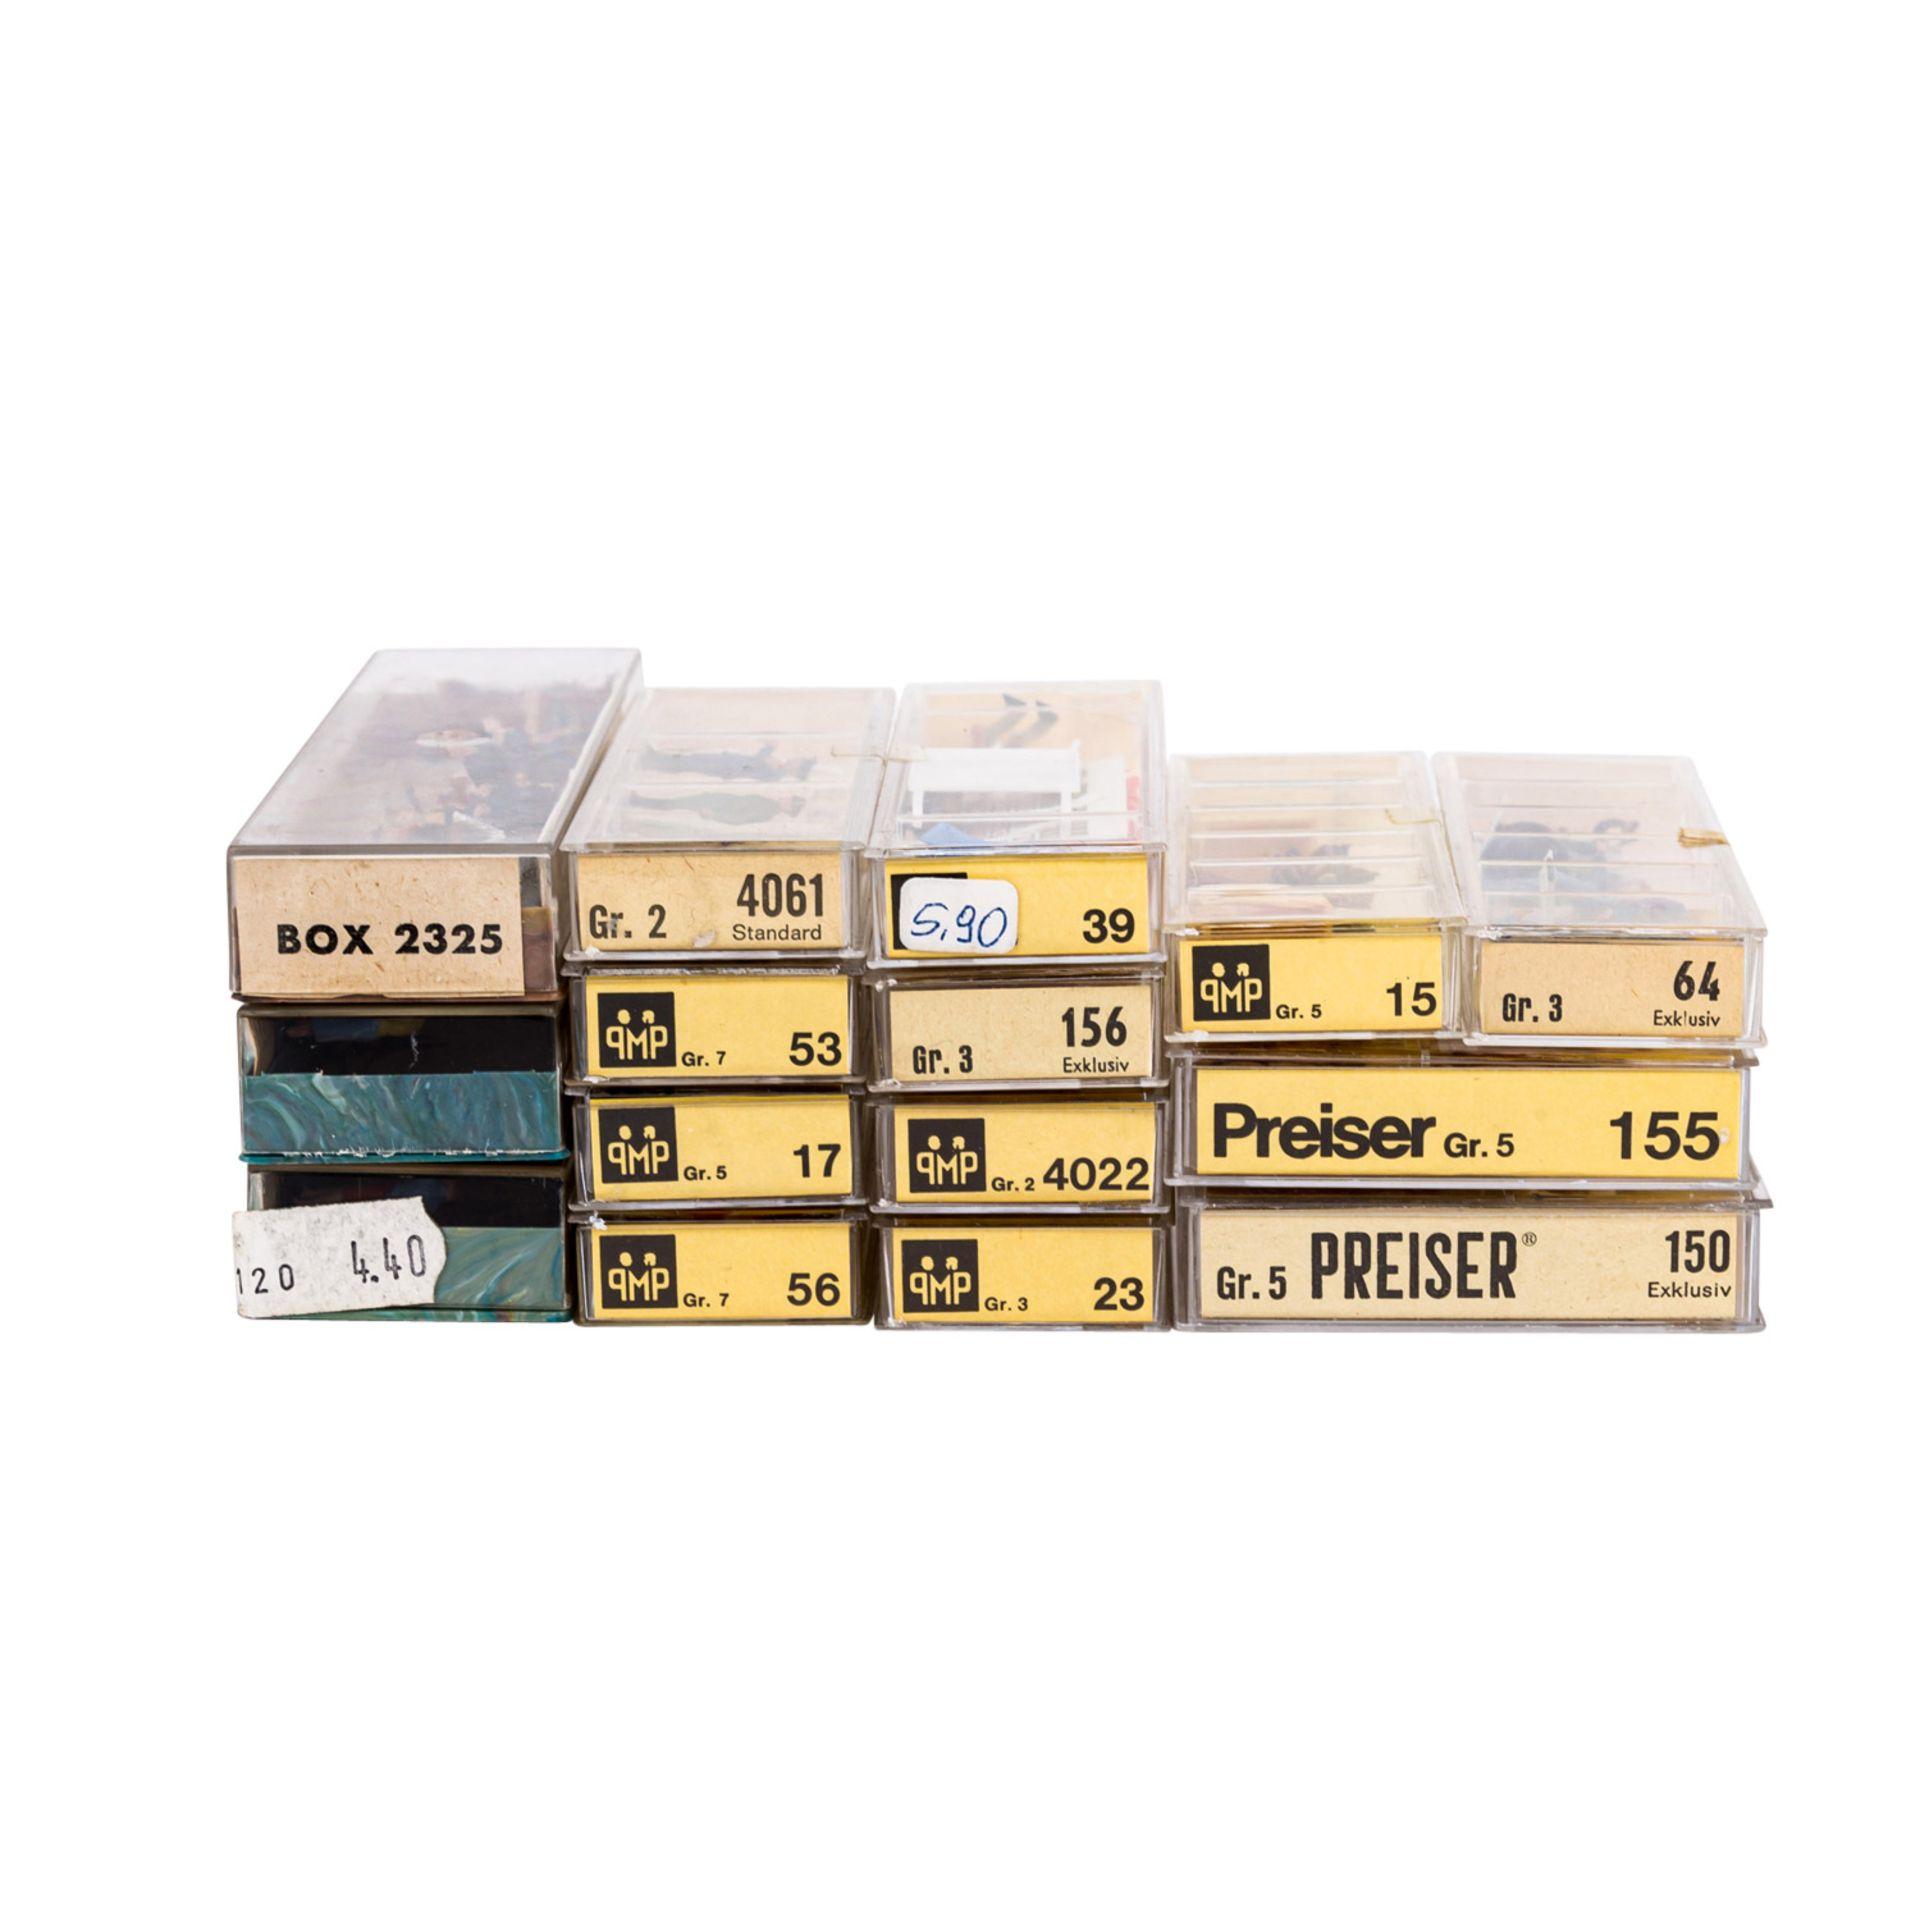 PREISER/MERTEN Miniatur-Dioramen und Figuren für die H0-Anlage,16 verschiedene Figure - Image 3 of 5